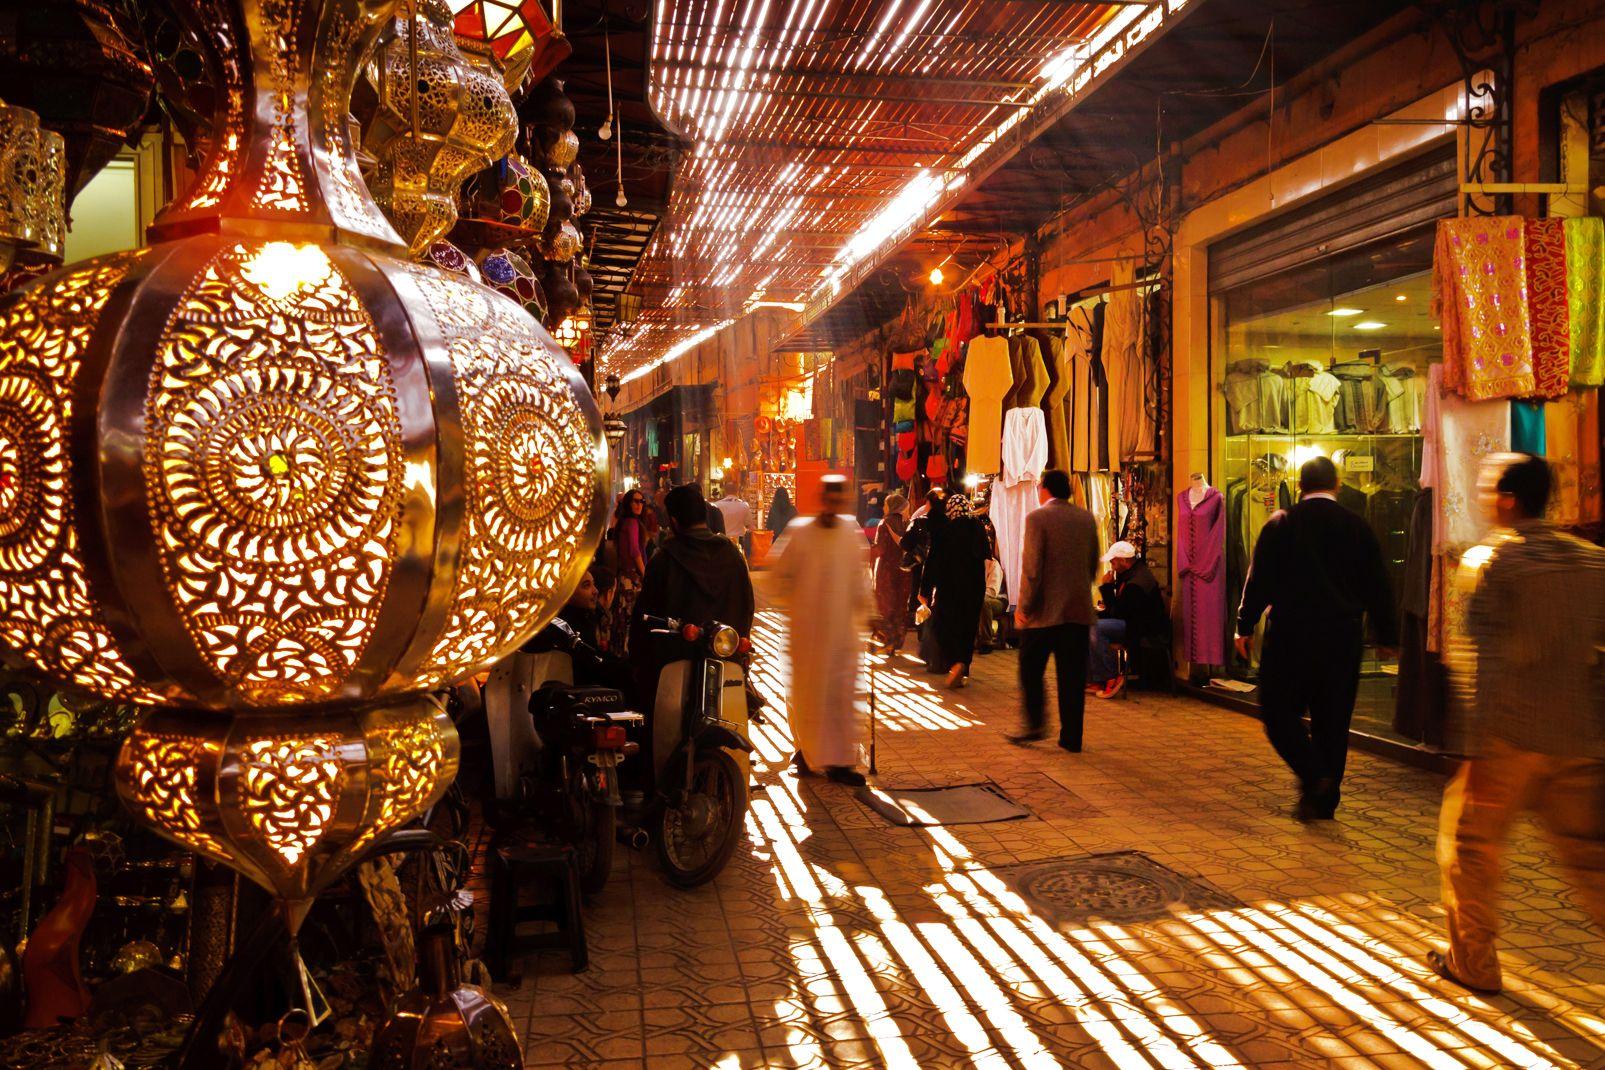 Afrique, Maroc, souk, marrakesh